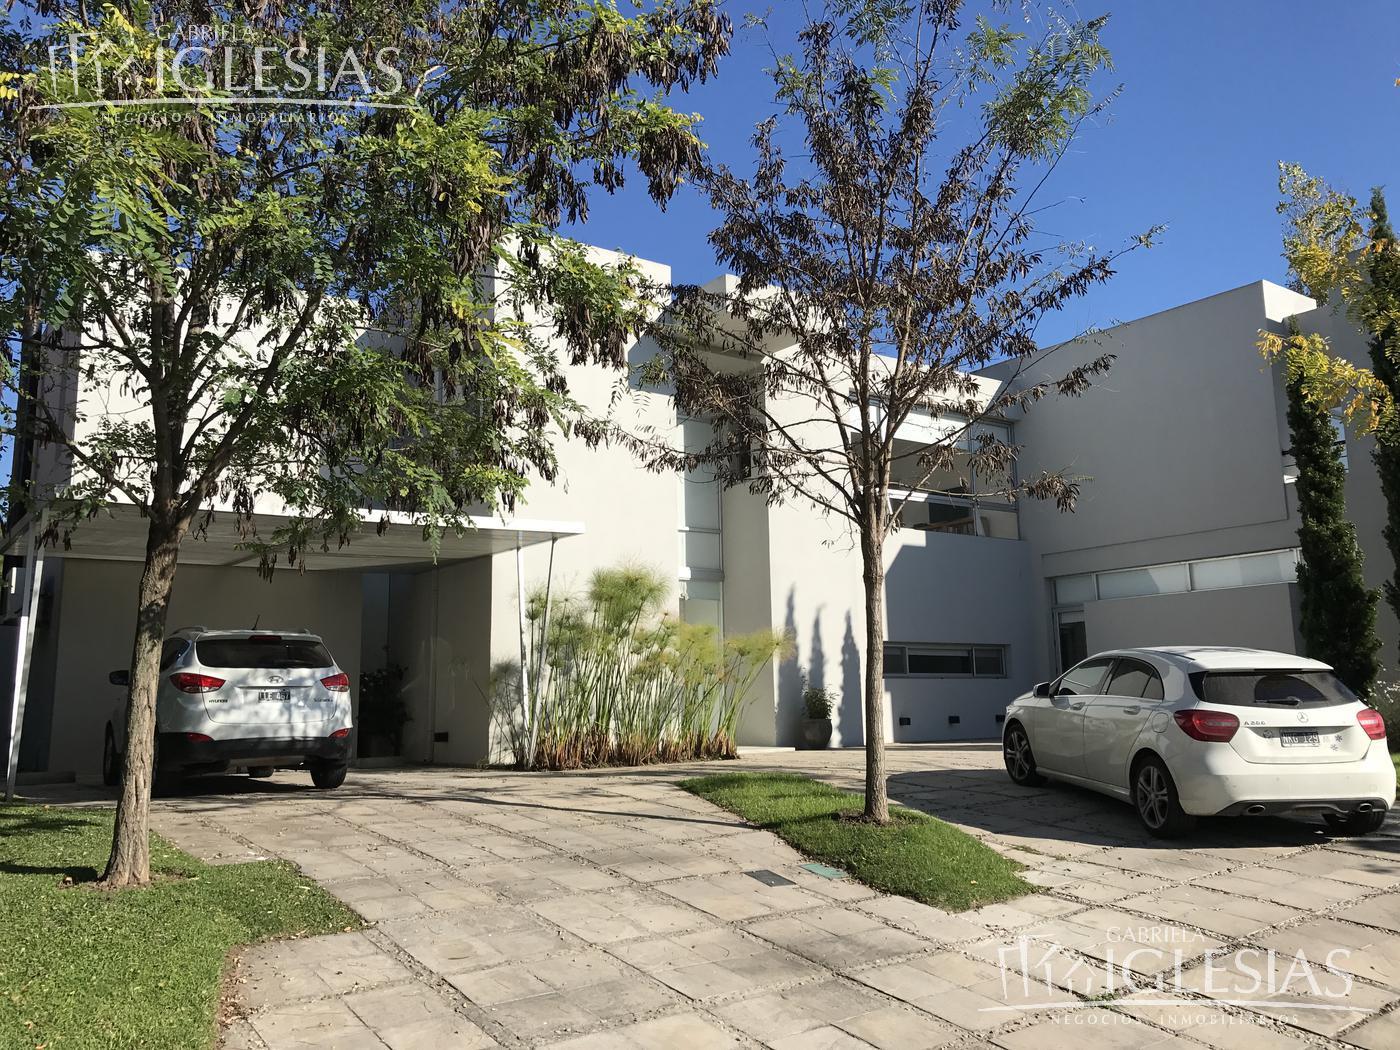 Casa en Venta en Nordelta La Isla a Venta - u$s 1.550.000